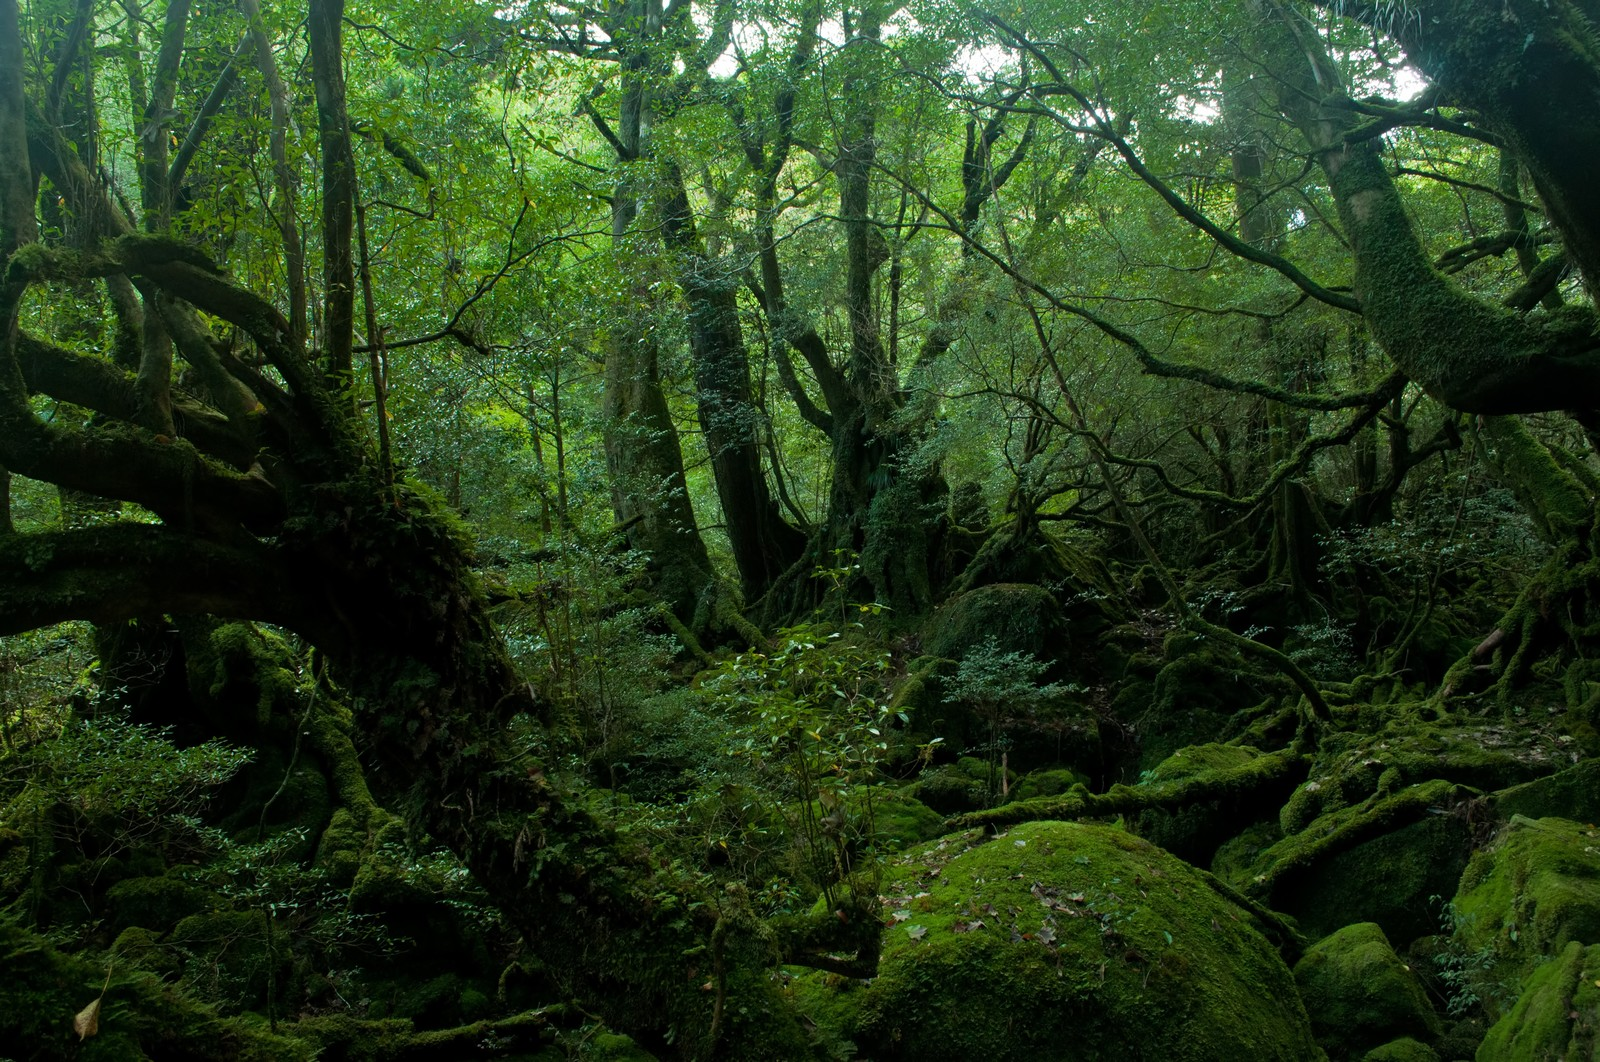 「屋久島の深い森」の写真